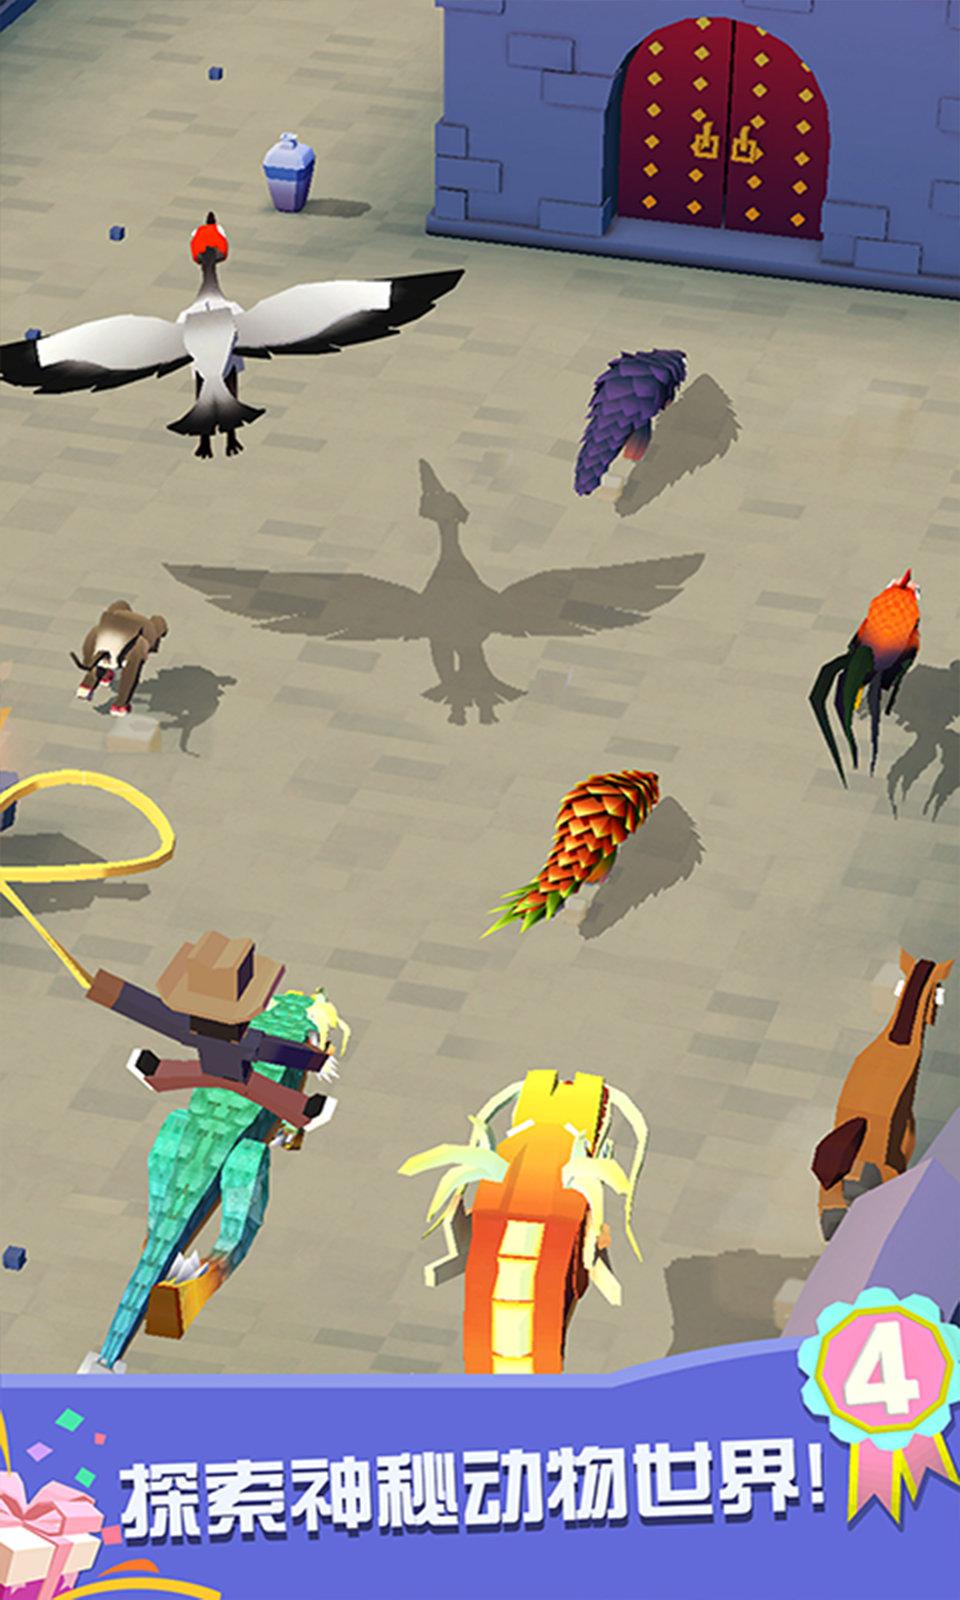 疯狂动物园1.27.0破解版